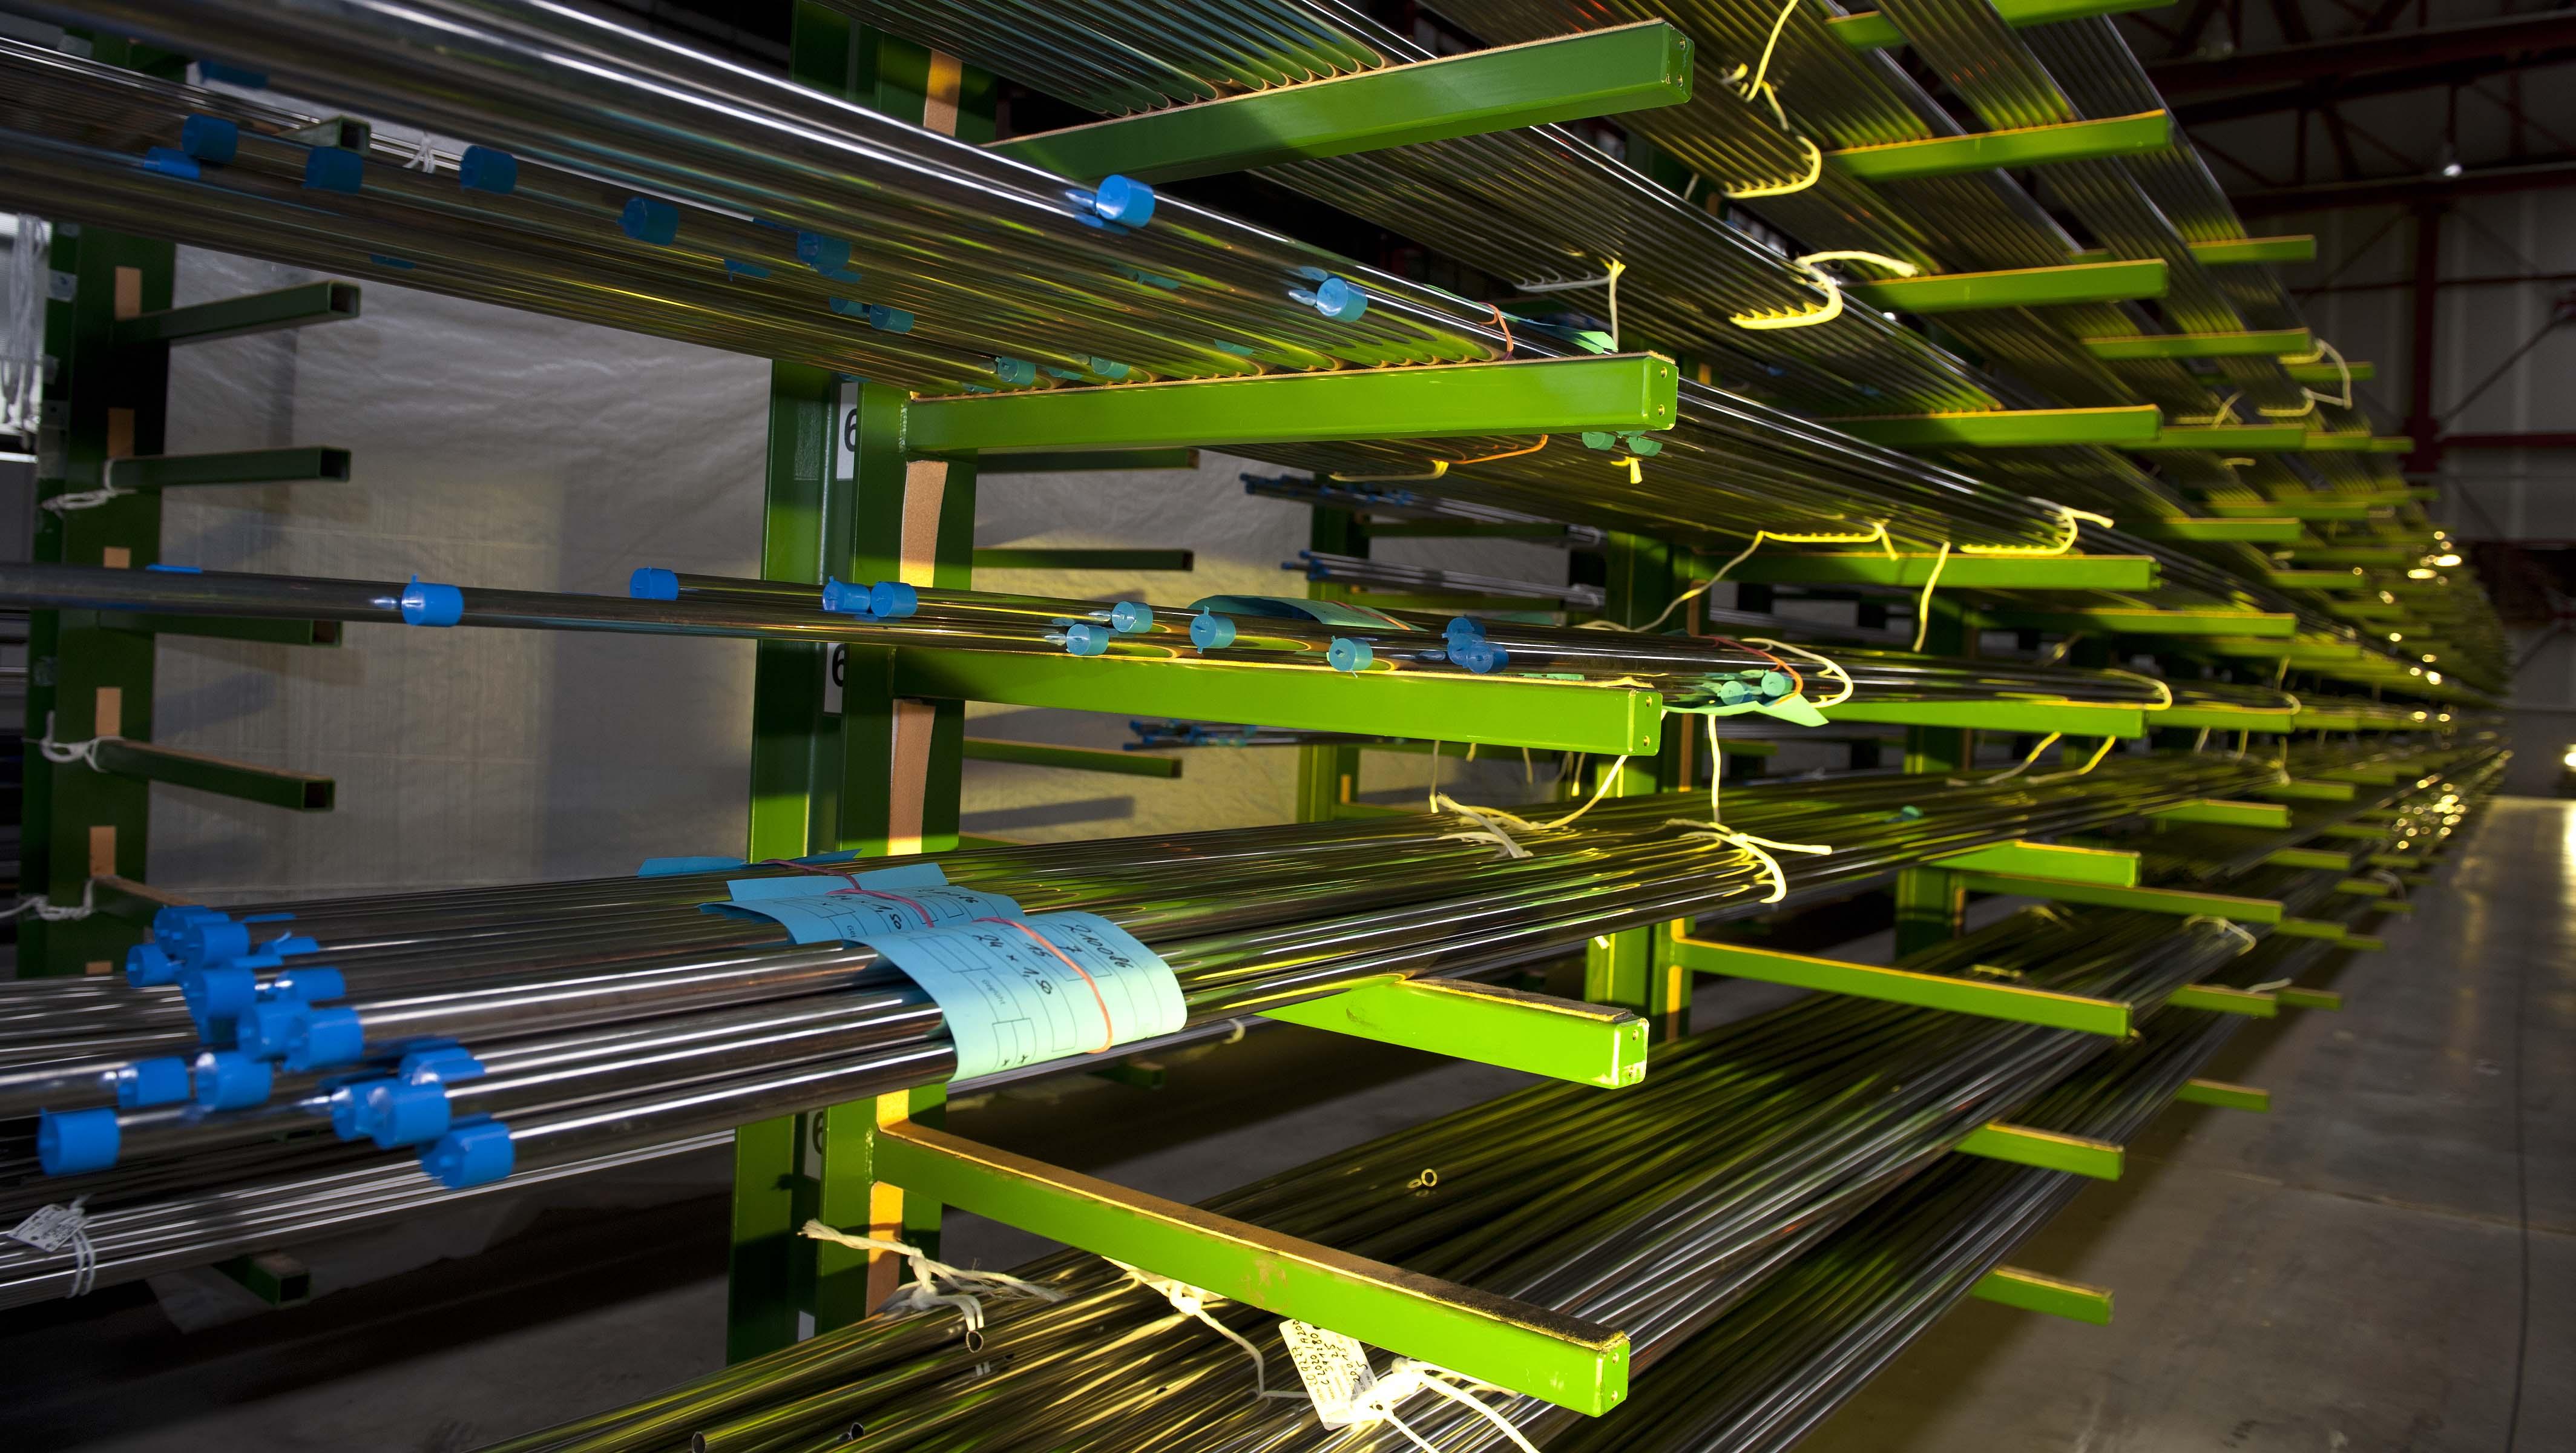 2011_06_09_austria_tubacex_tubos.jpg